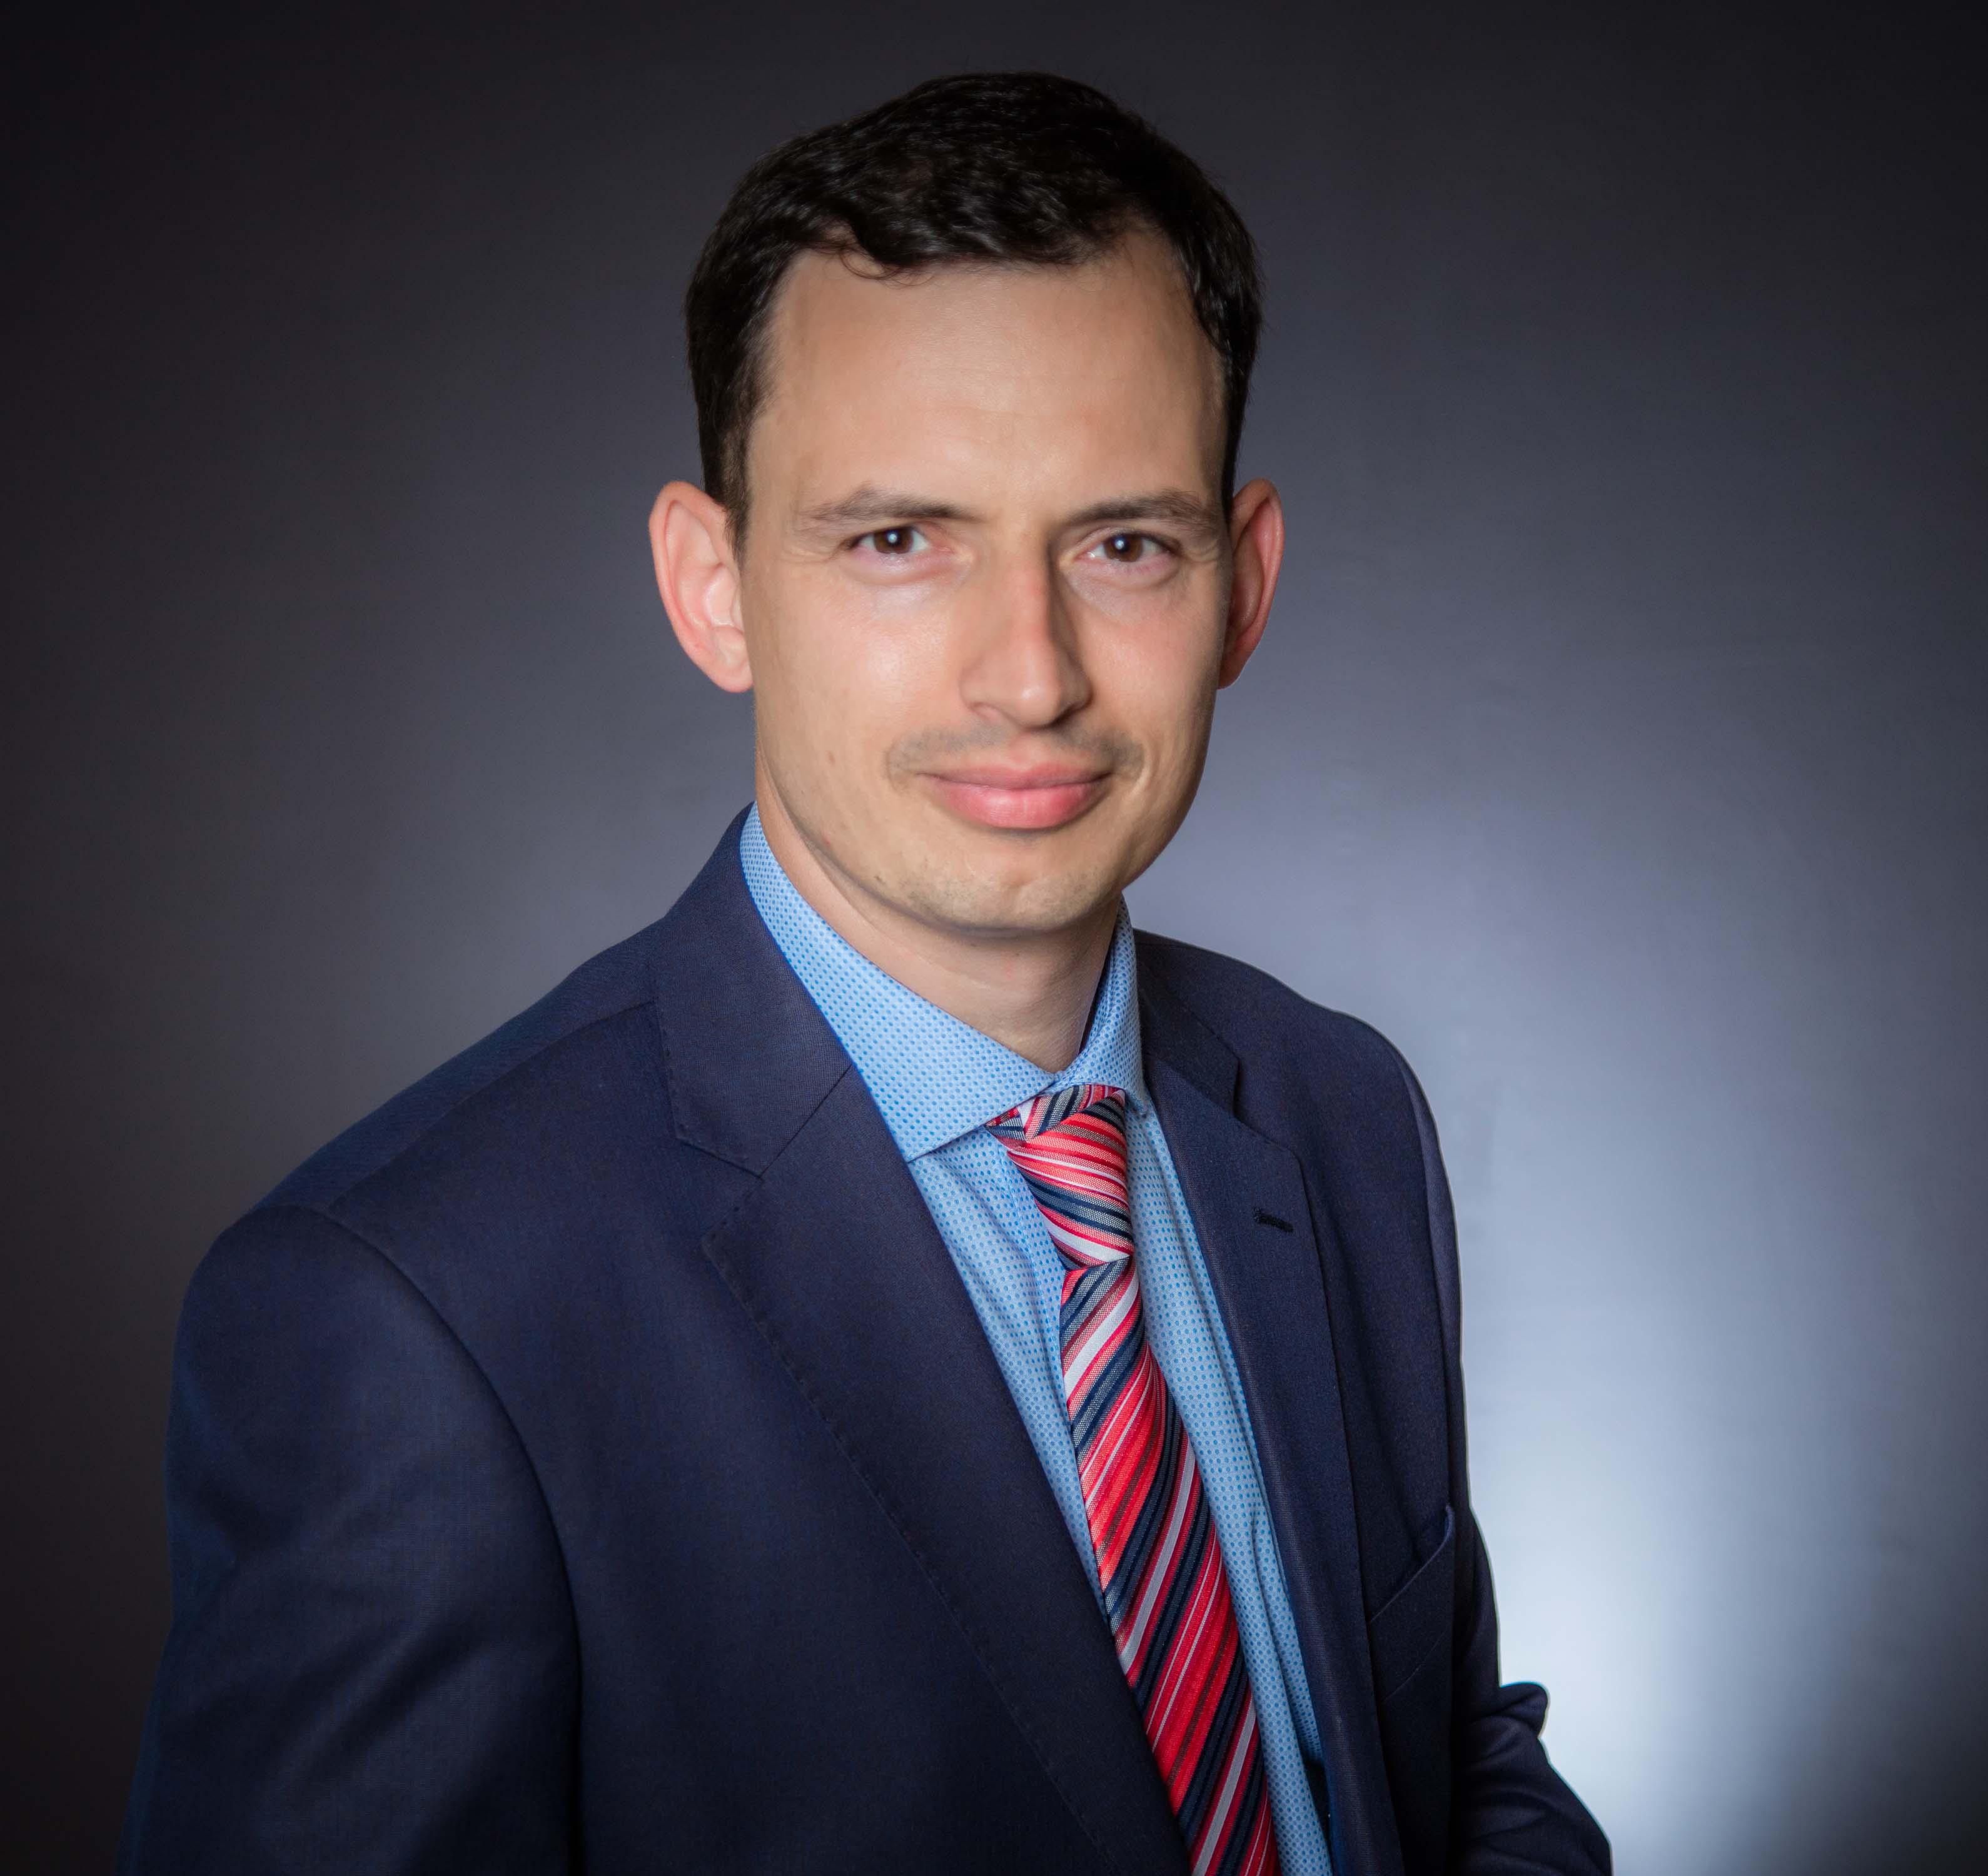 Răzvan   Coman